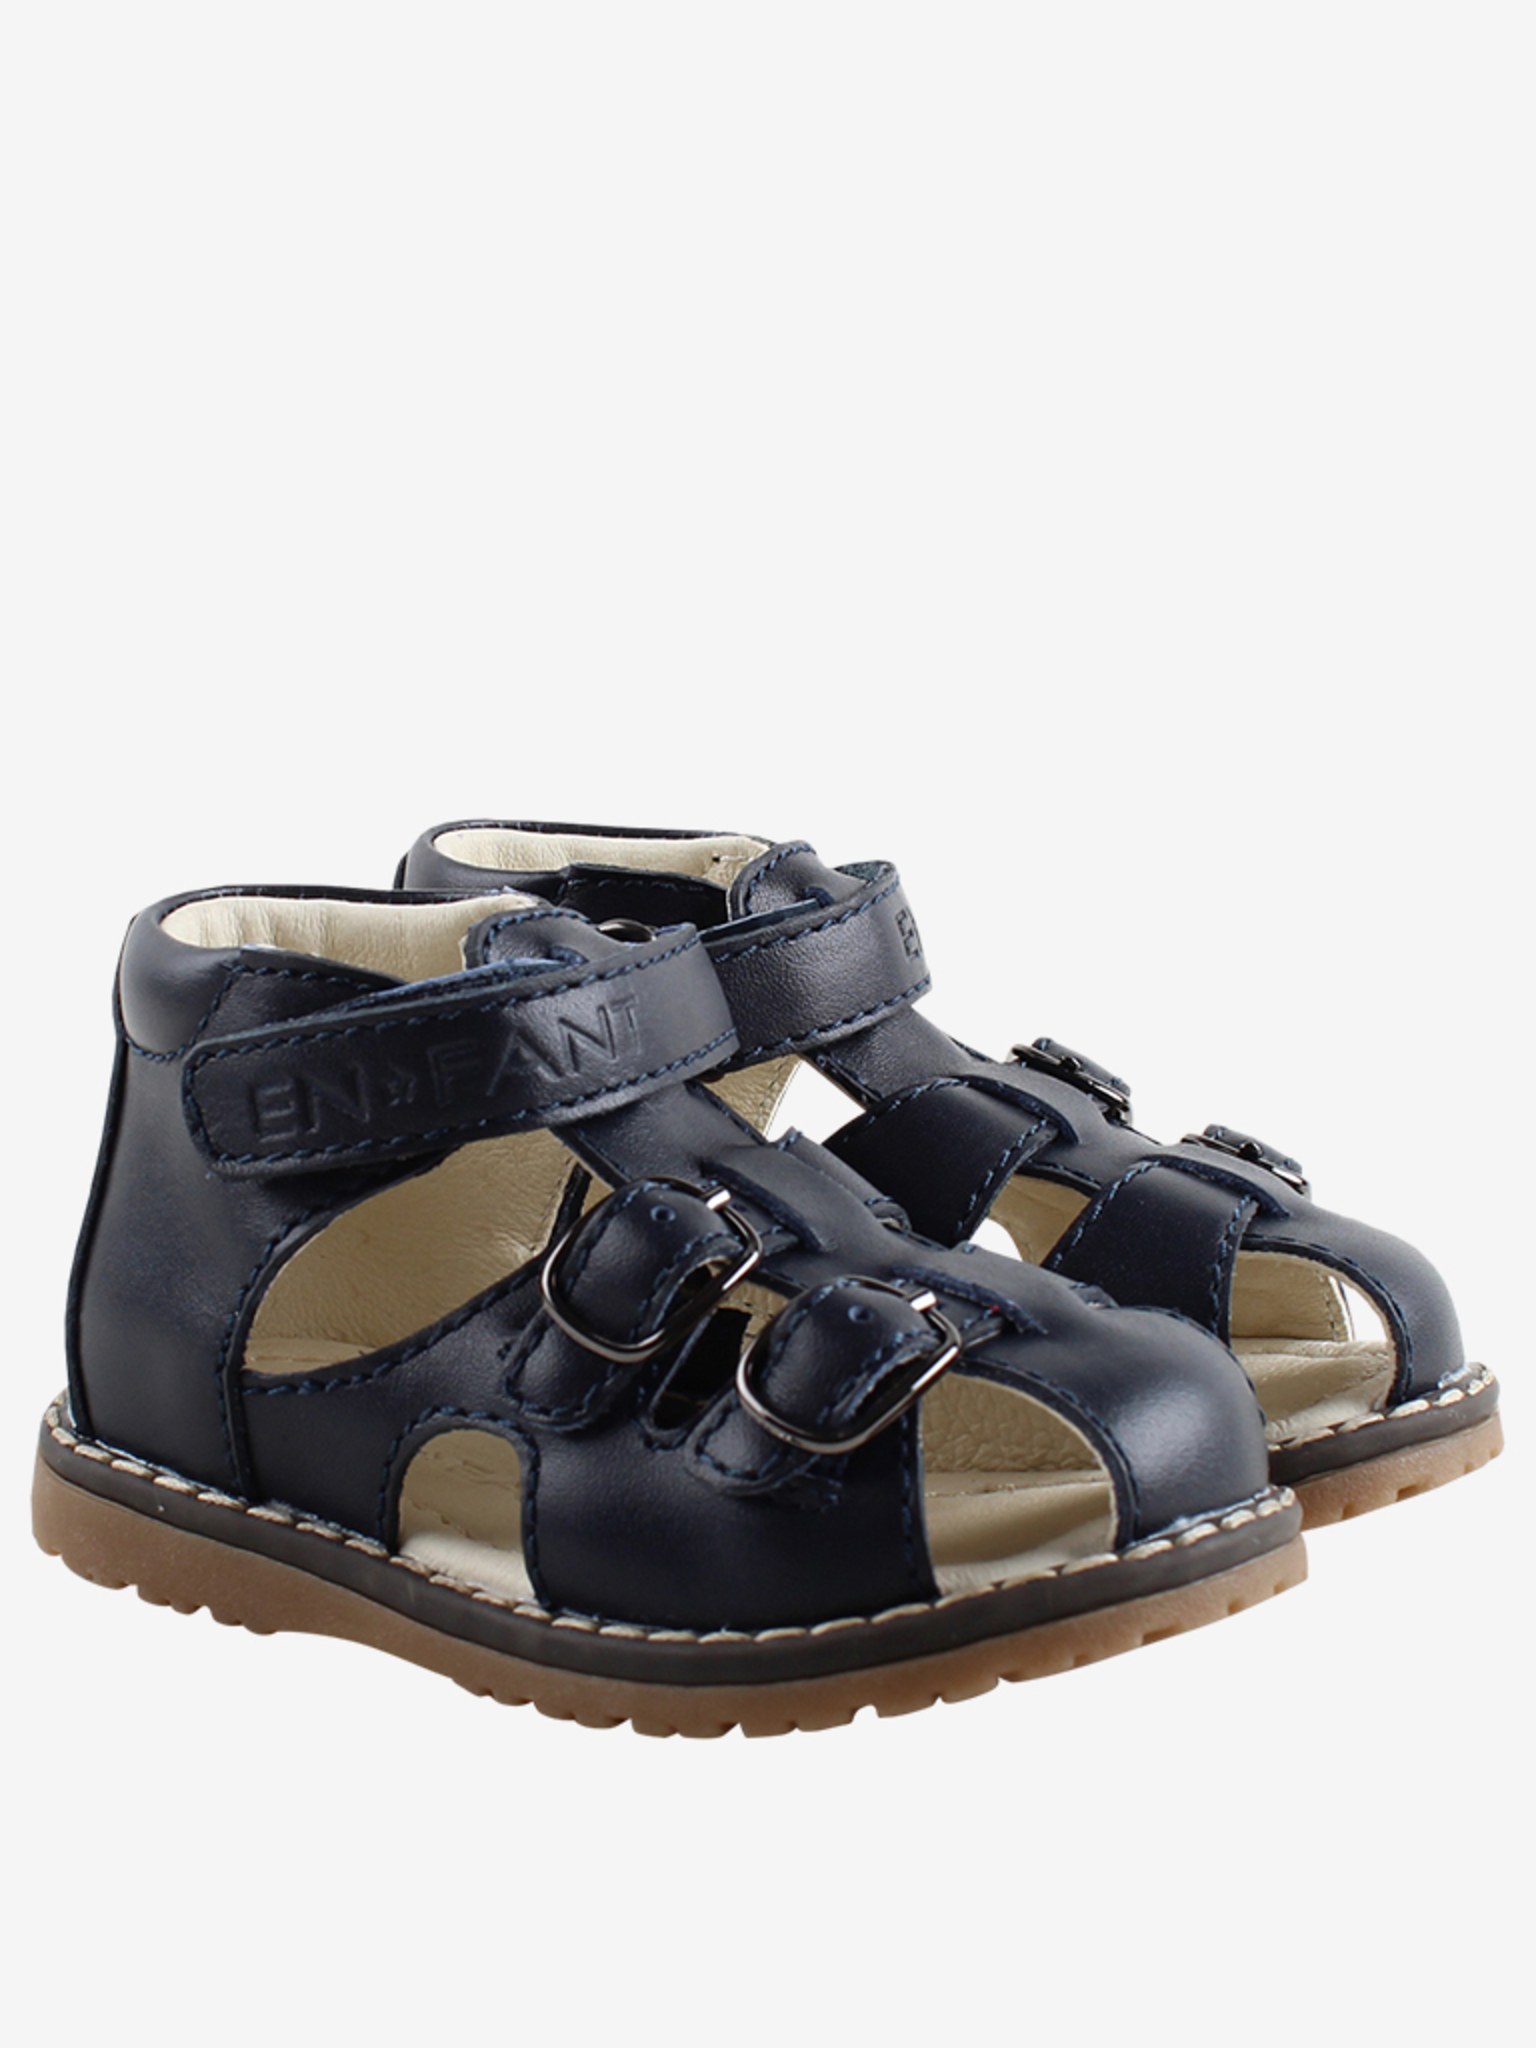 En Fant kojenecké kožené sandálky 815256 - 104